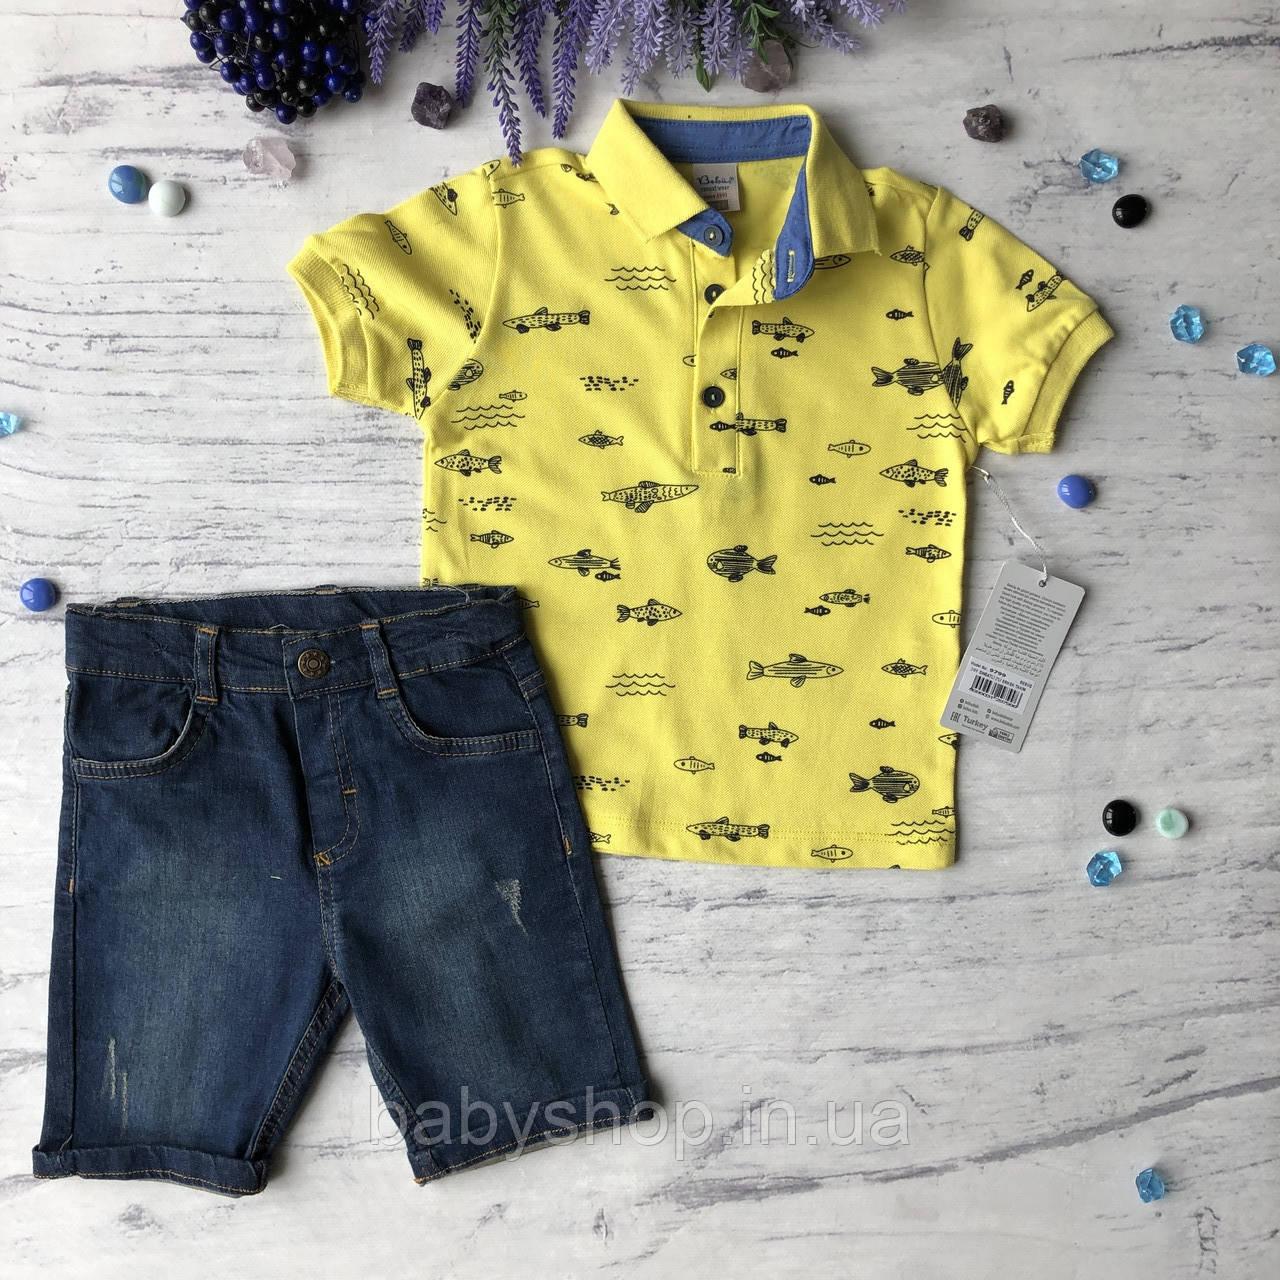 Летний джинсовый  костюм на мальчика 157. Размер 2 года, 3 года,  4 года, 5 лет